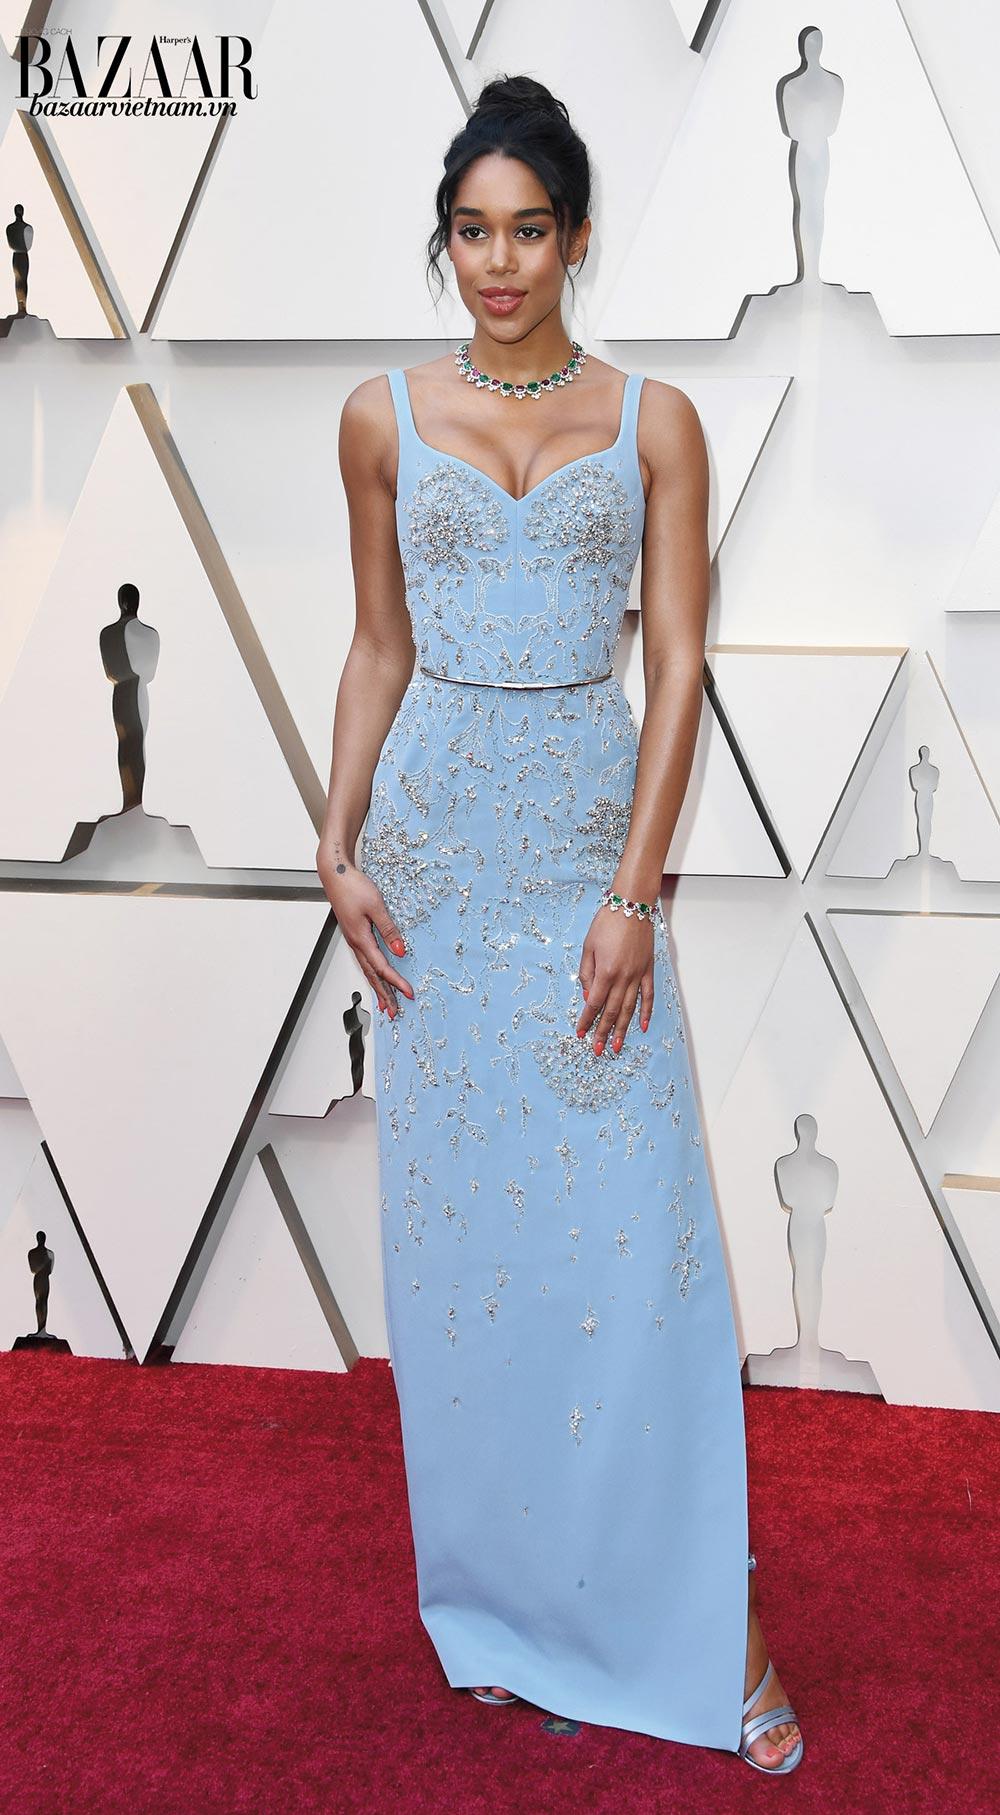 Gợi cảm một cách tinh tế là những mỹ từ dành cho nữ diễn viên người Mỹ, Laura Harrier, tại thảm đỏ Oscar đầu tiên của cô trong sự nghiệp. Laura mặc trang phục đặt may đo riêng của nhà mốt Louis Vuitton phối cùng trang sức đá màu của Bvlgari.